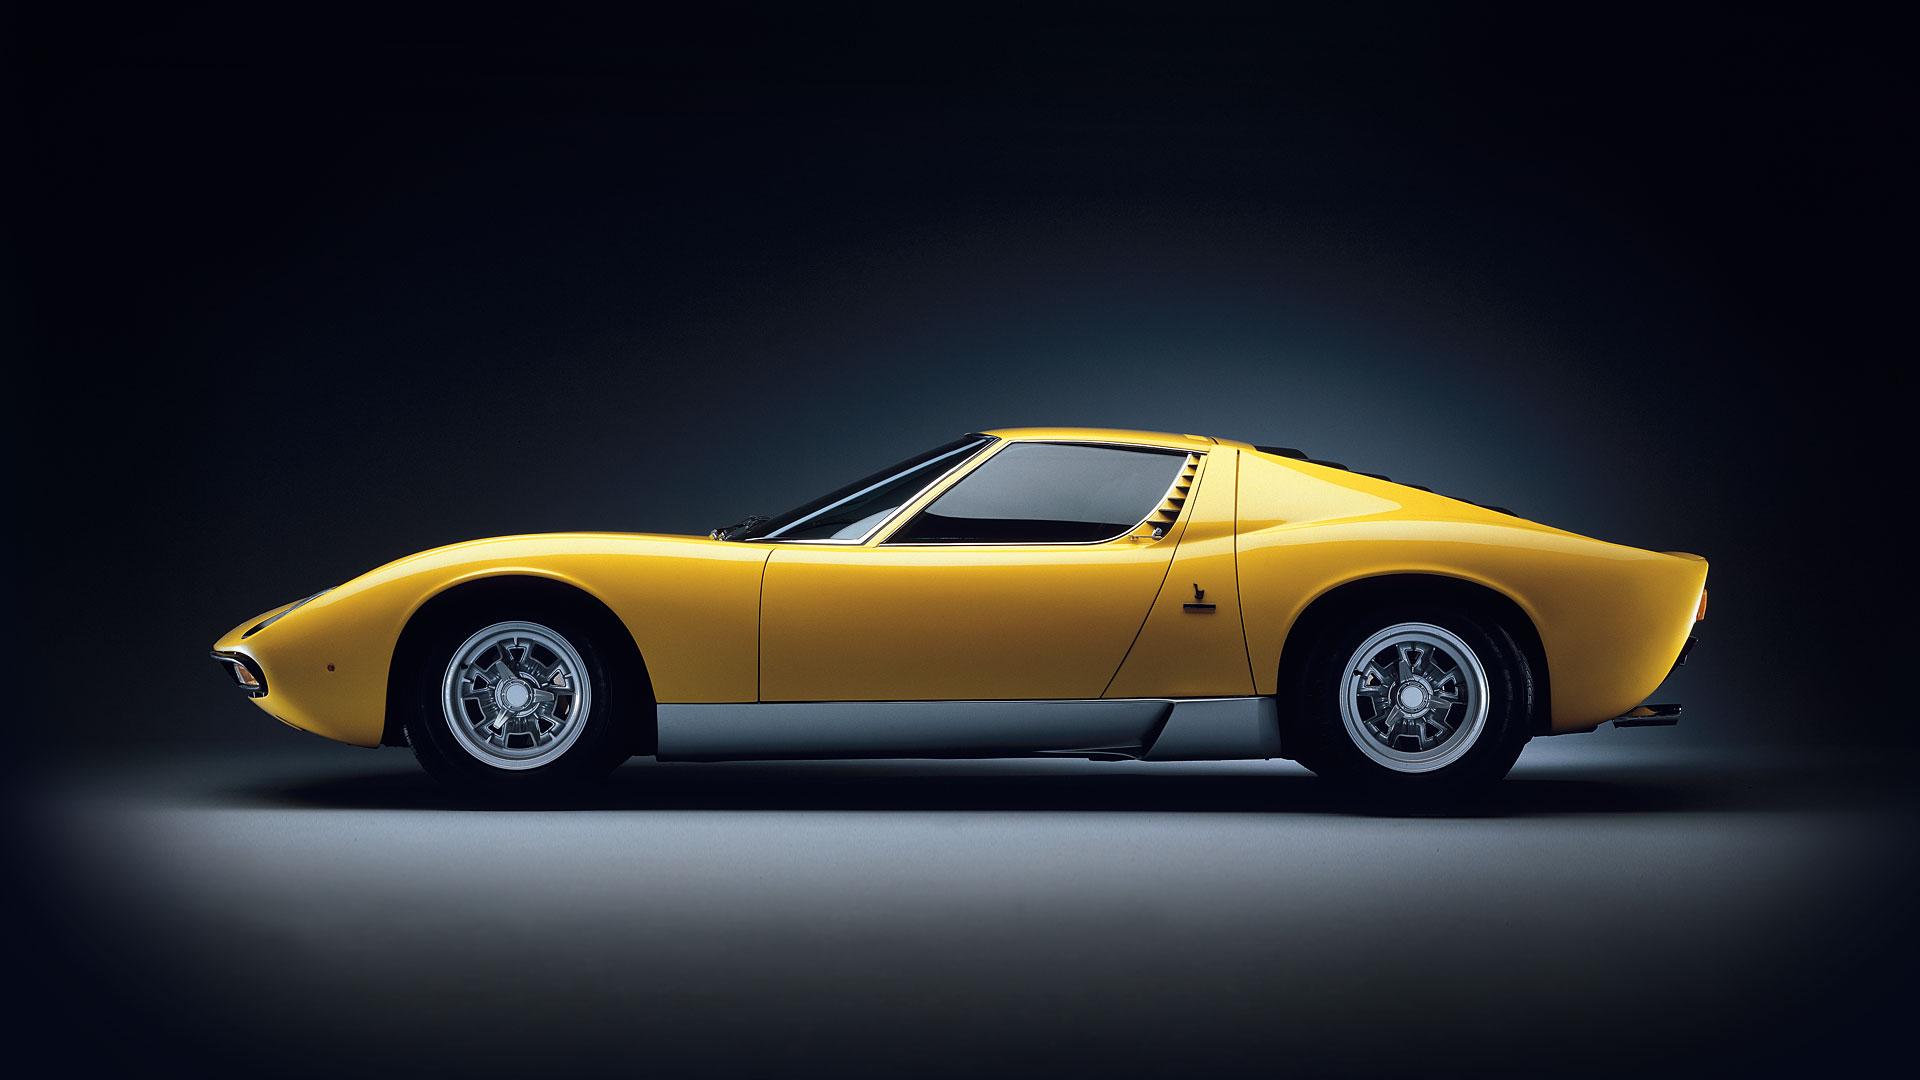 Lamborghini Miura - profil / side-face